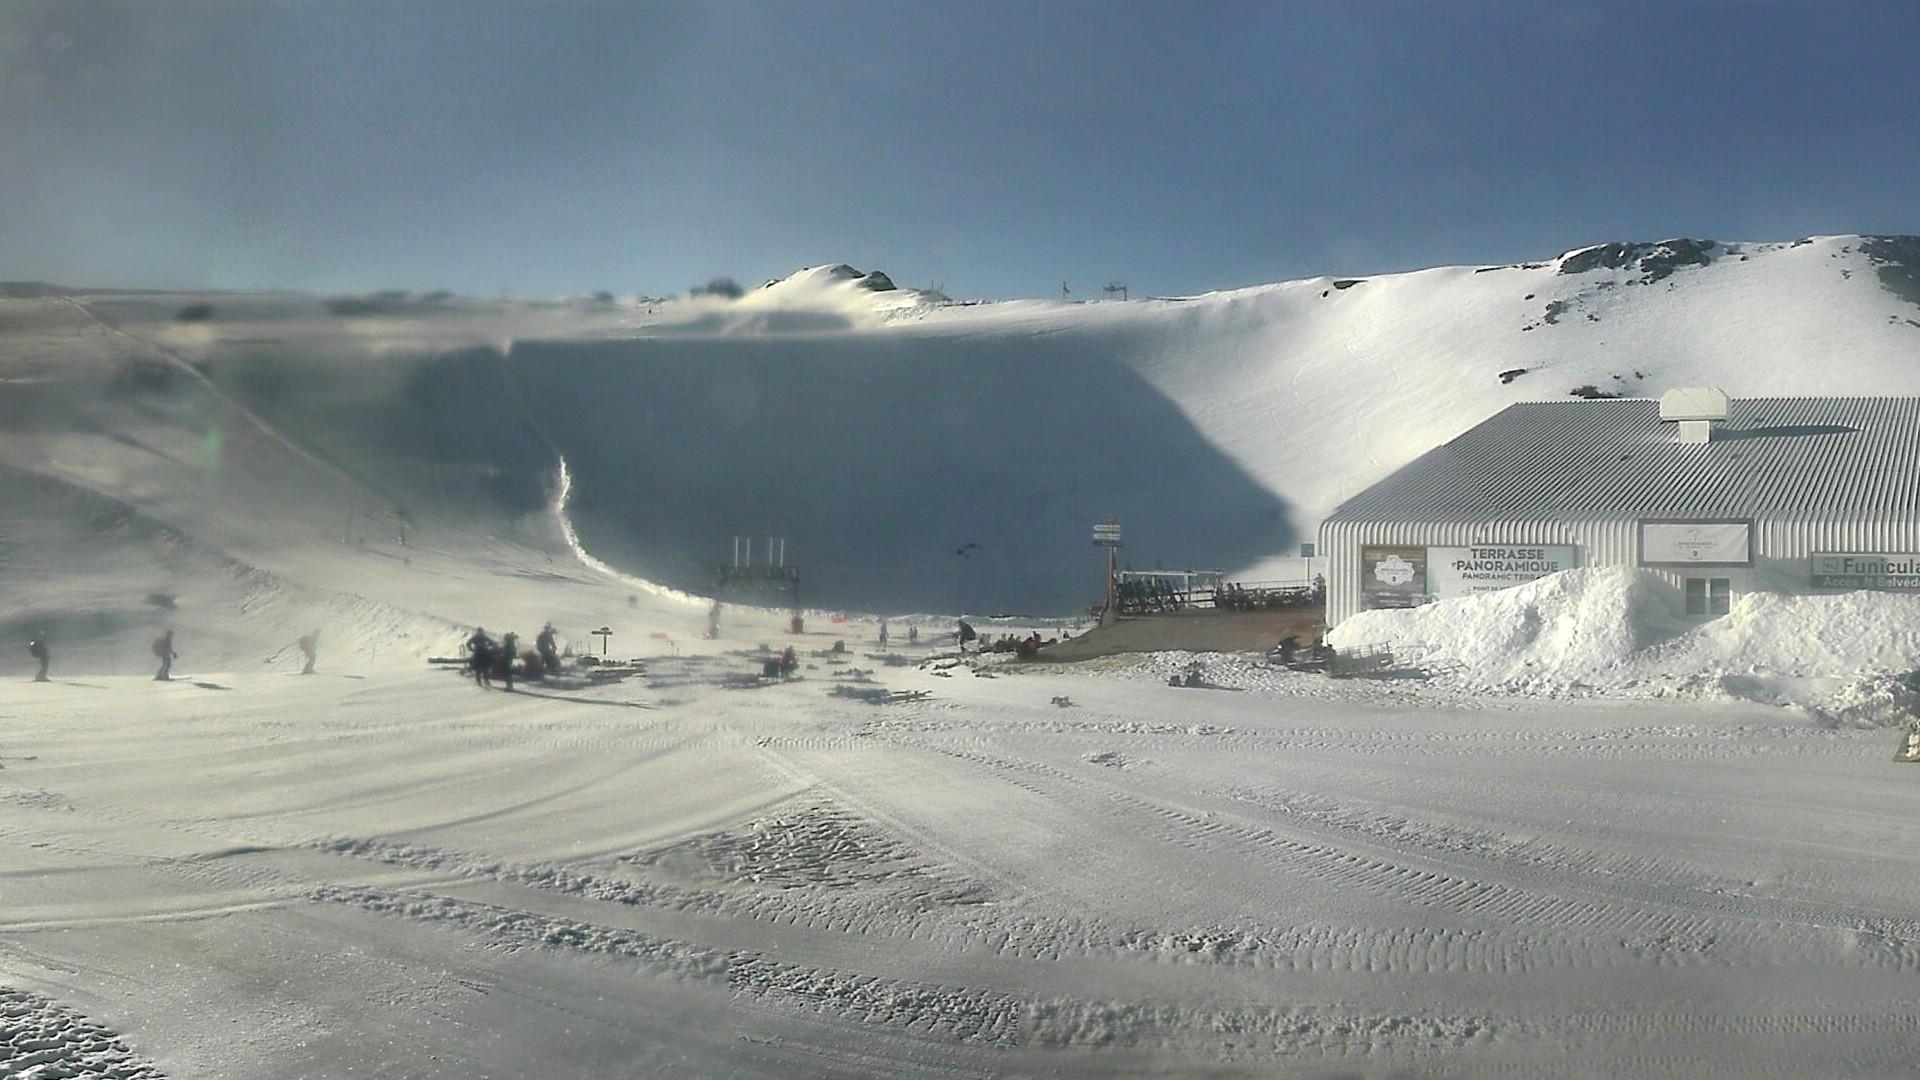 20200625_073300_mega_2alpes_restaurant-les-glaciers_1920x1080